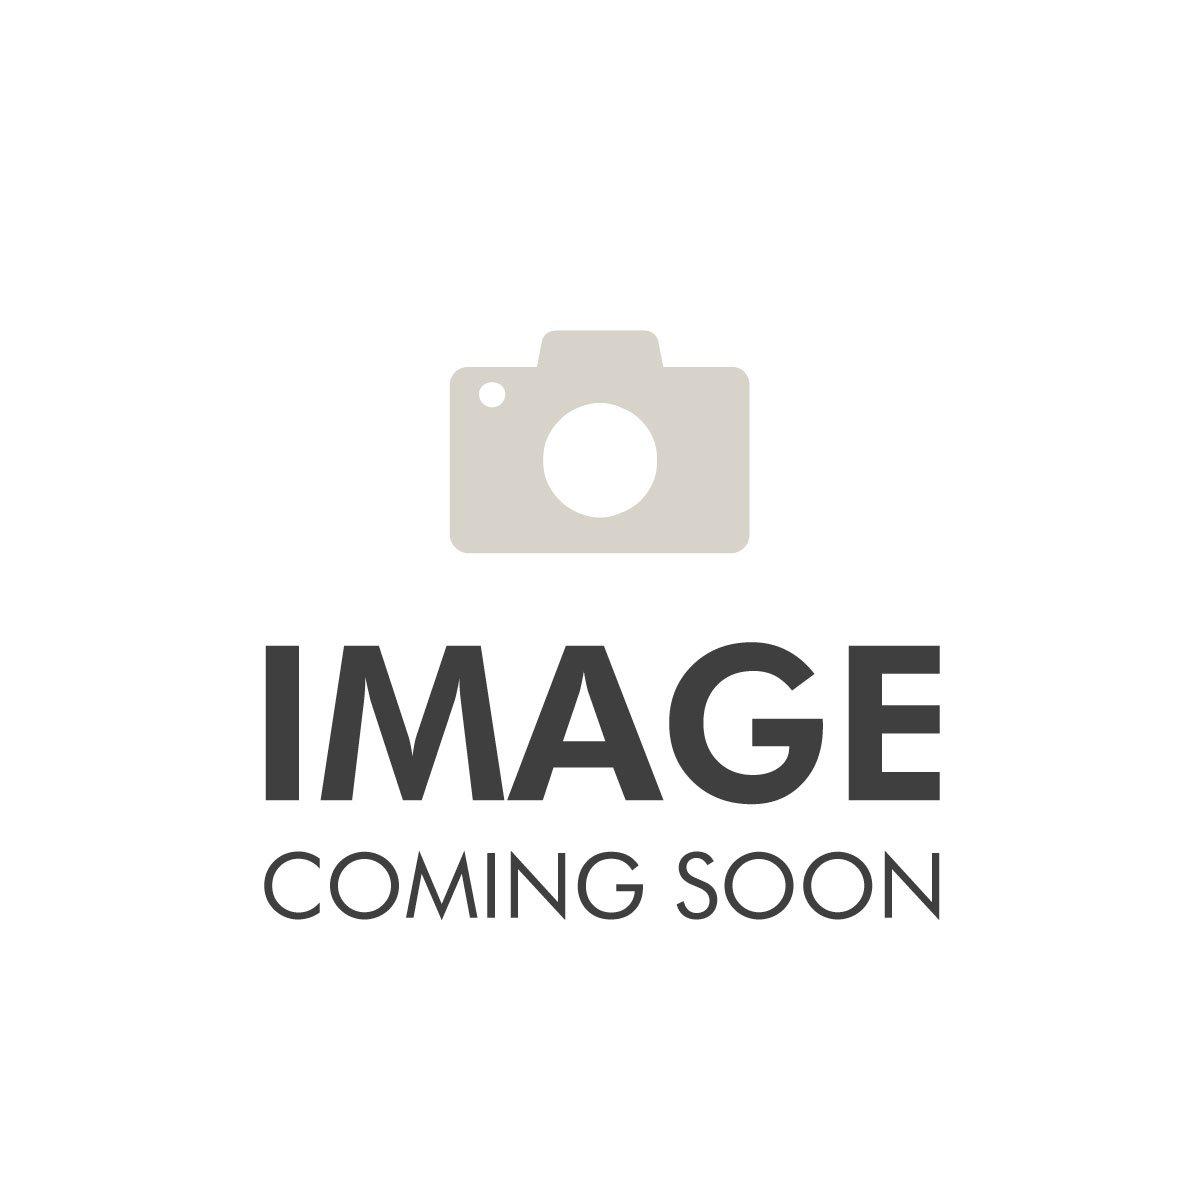 L'Oreal Loreal Men Fiberboost Densifying Shampoo 250ml